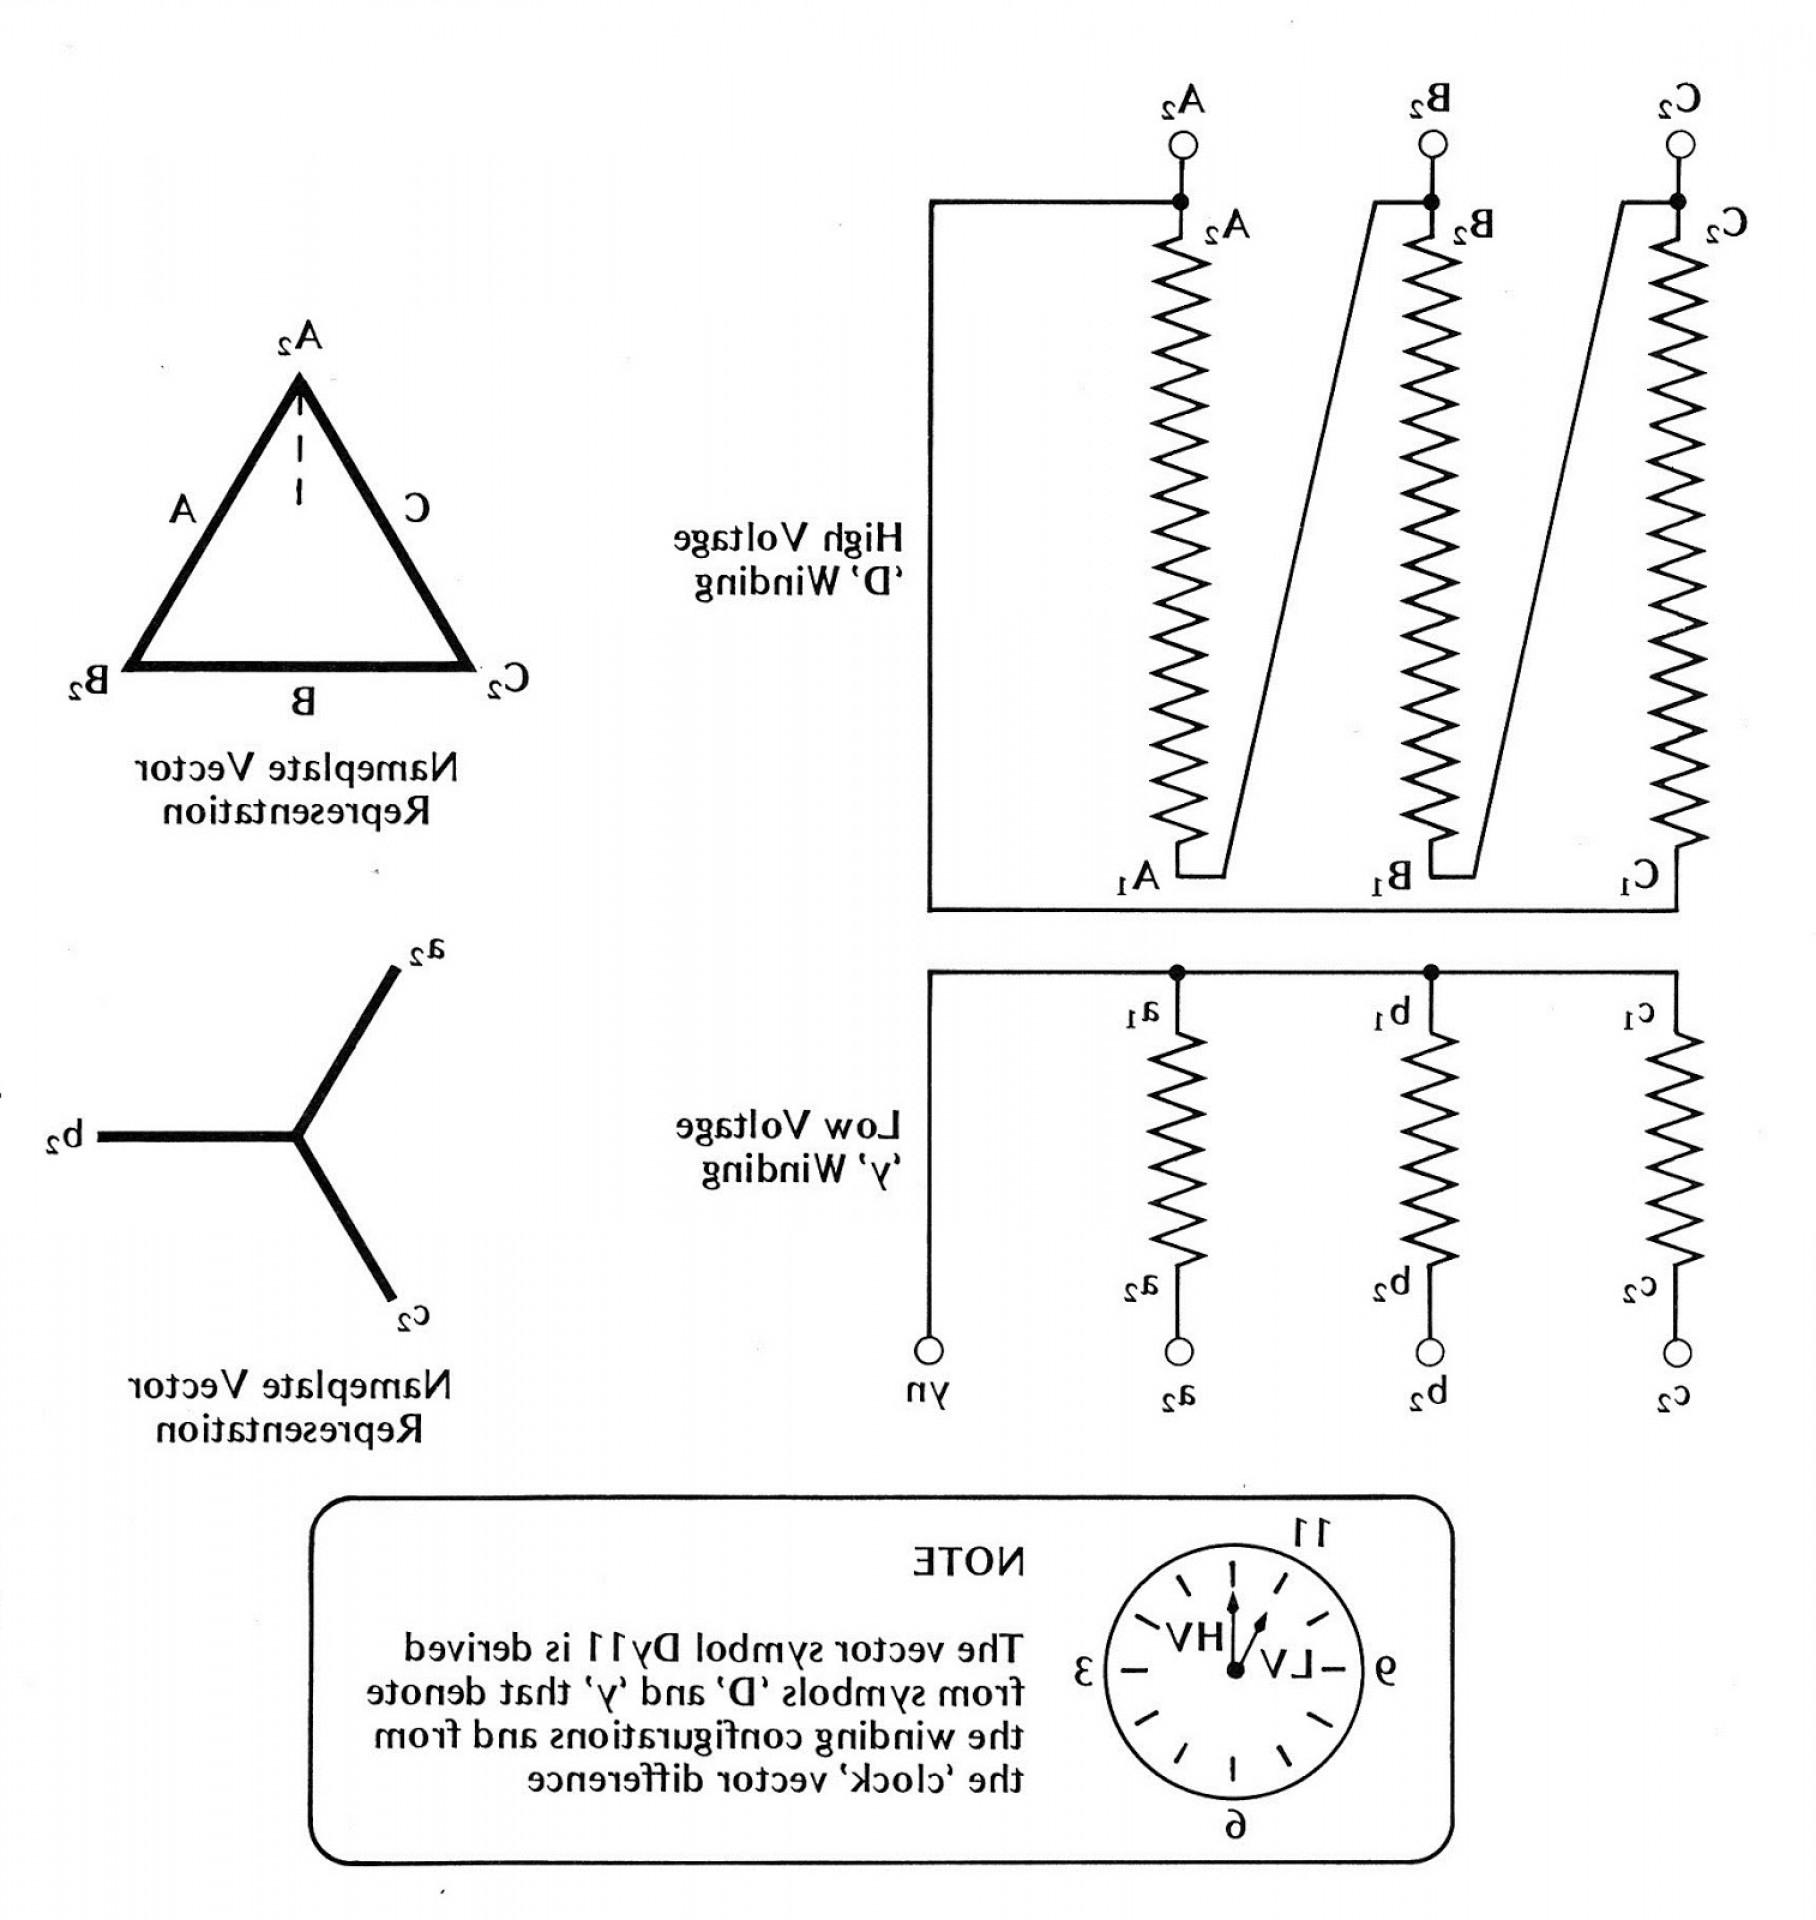 Single Phase Transformer Wiring Diagram Symbols For Three Phase - Single Phase Transformer Wiring Diagram